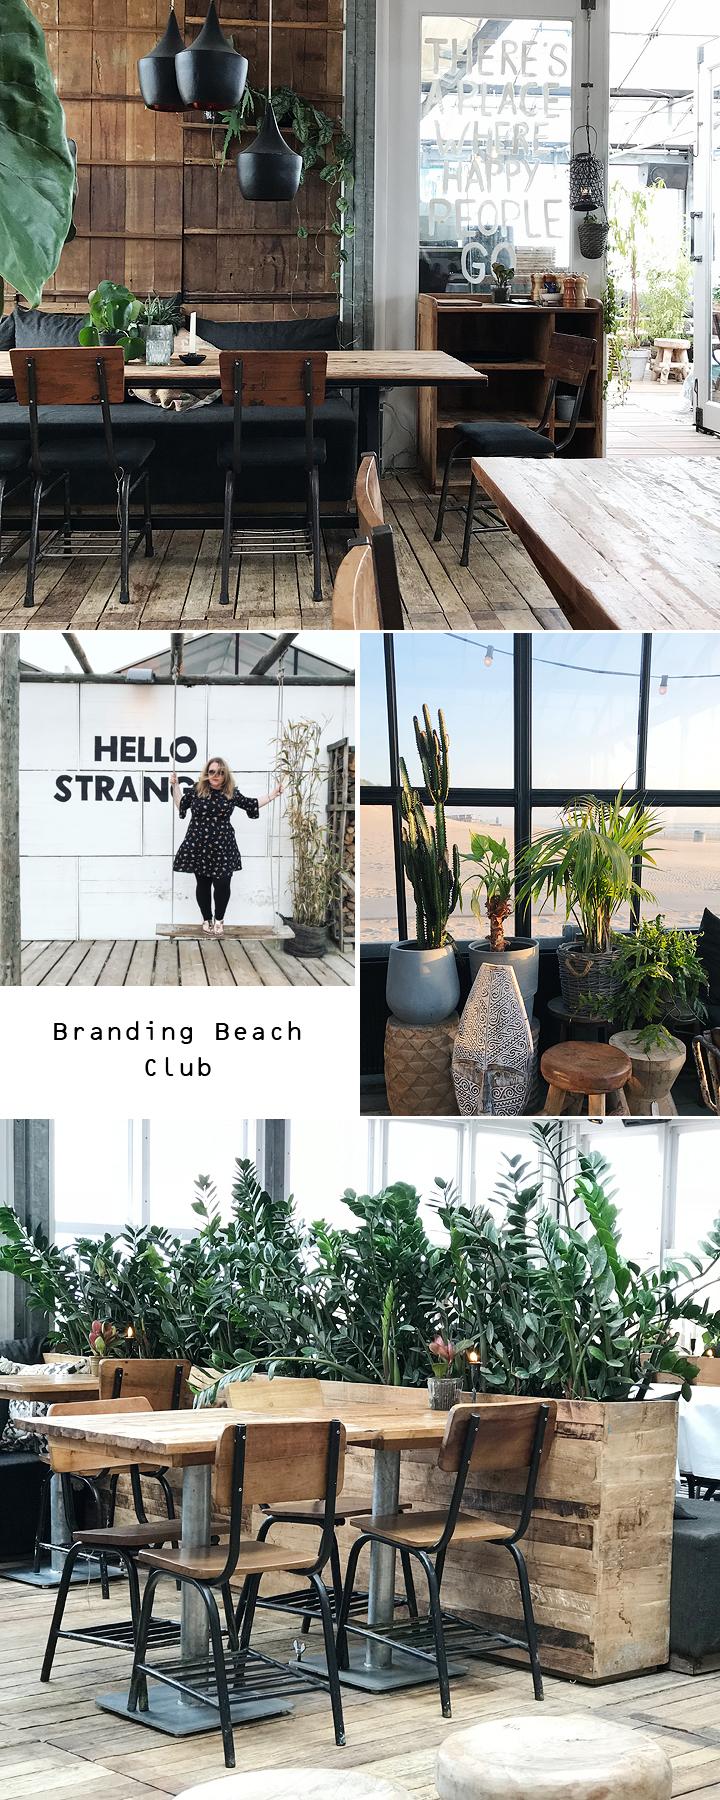 Branding Beach Club Noordwijk